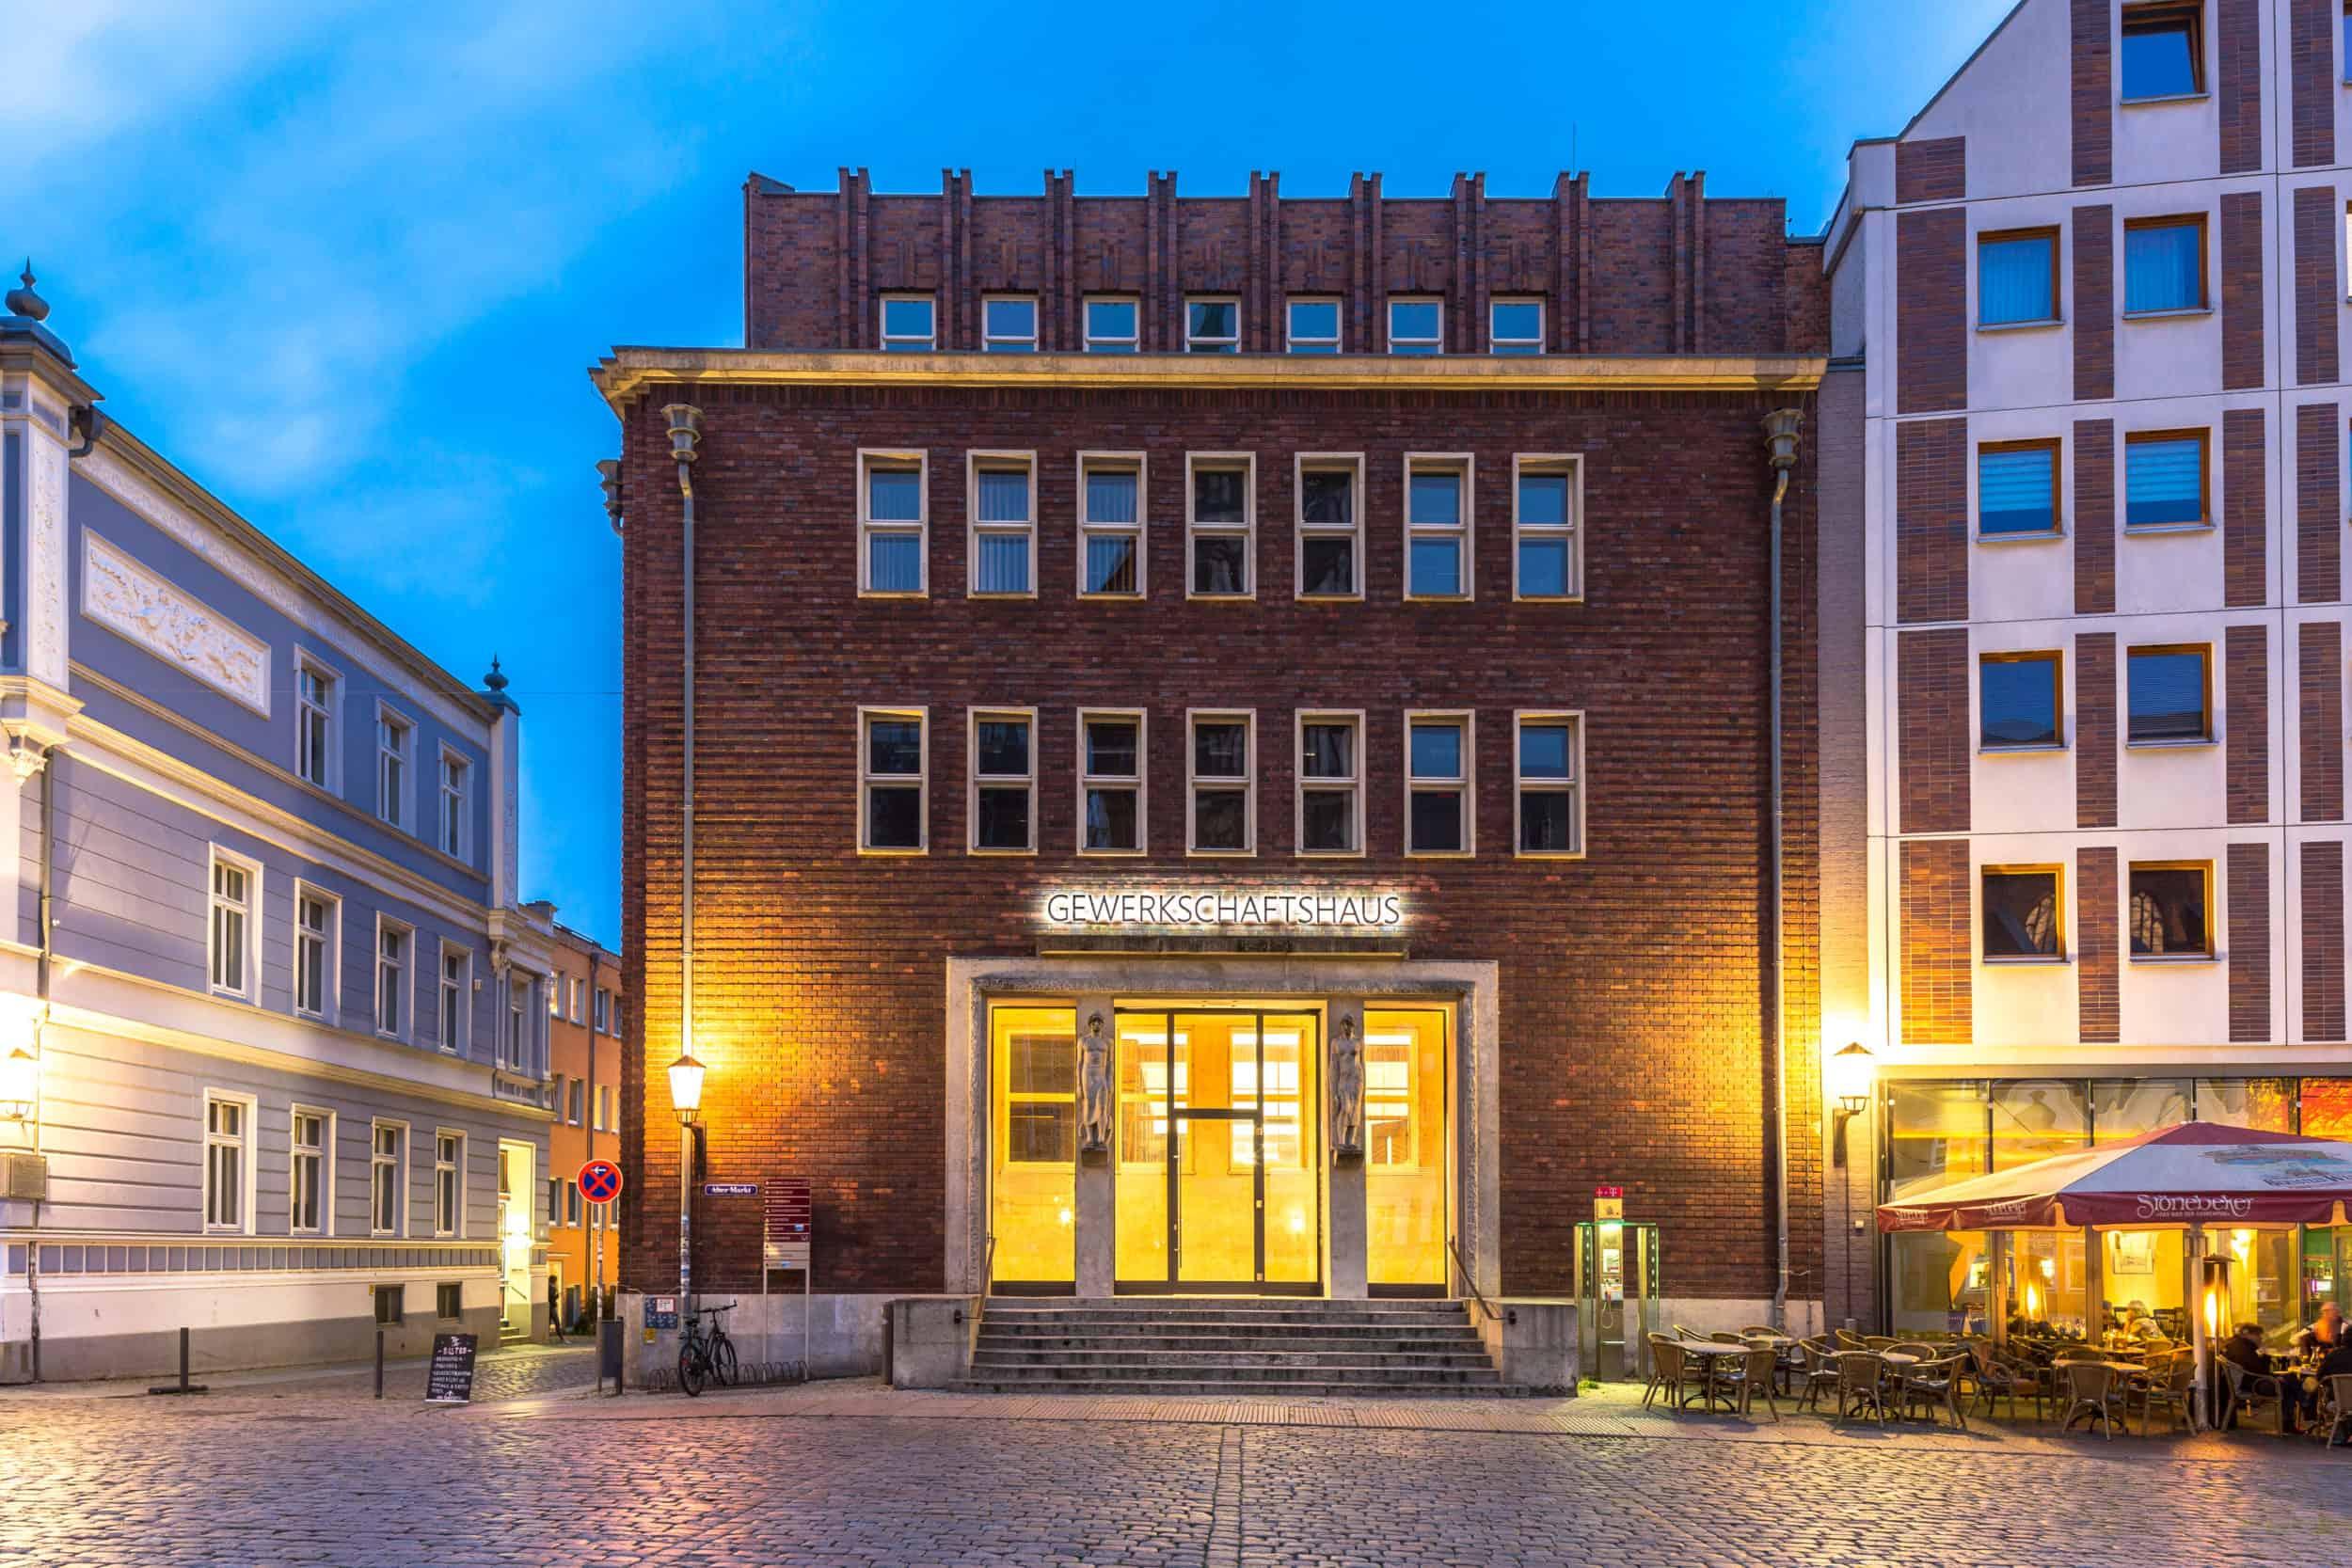 Bankdrücken, ein neues Crossover-Kultur-Format in Stralsund. Weitung des Blickwinkels, Zulassen von Erkenntnis, Genießen von Kunst, kontroverser Austausch.